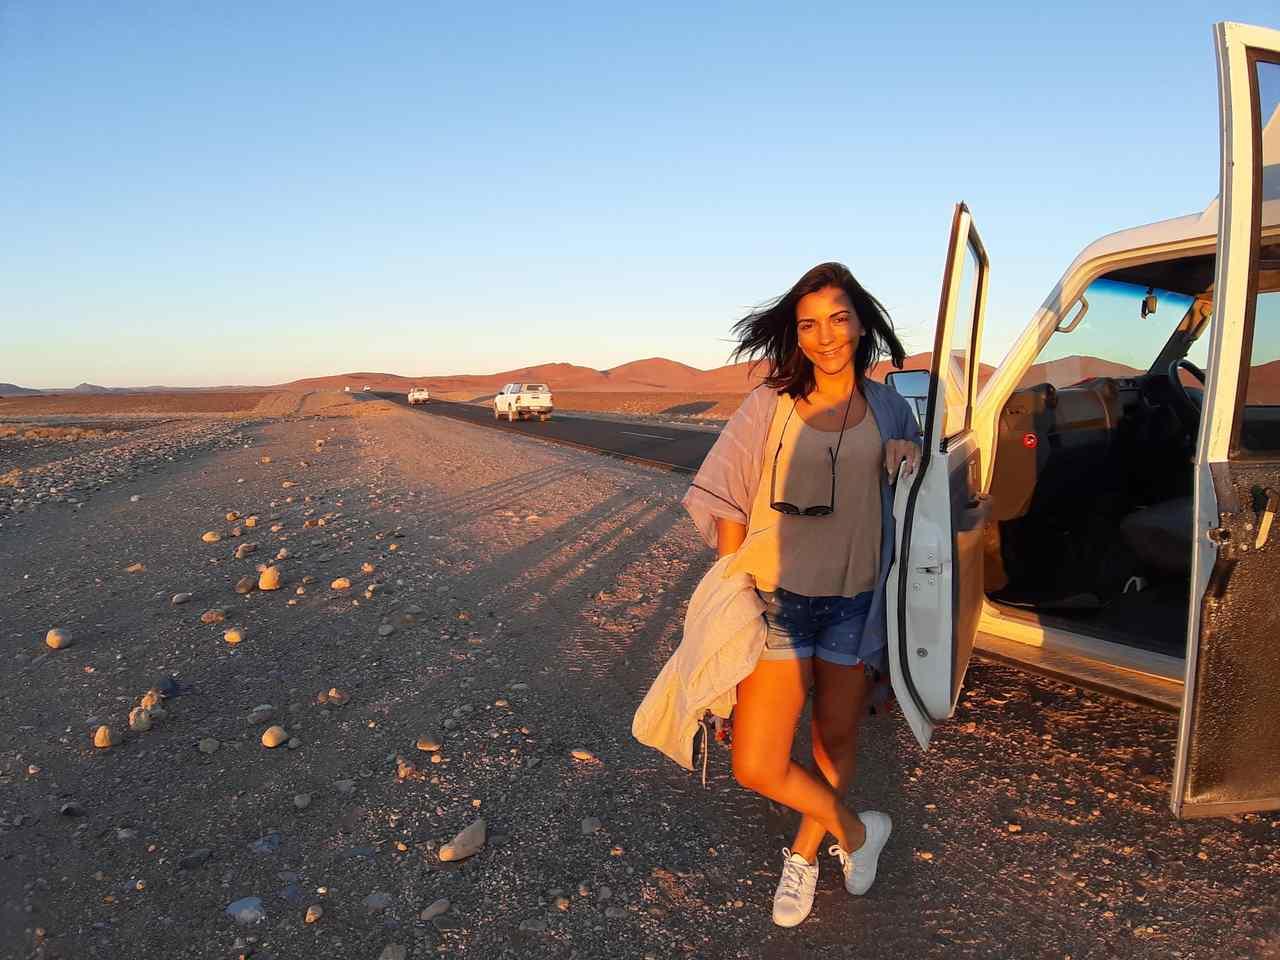 Rita Cerveira Martins junto a um jipe 4x4 parado numa estrada no deserto da Namíbia